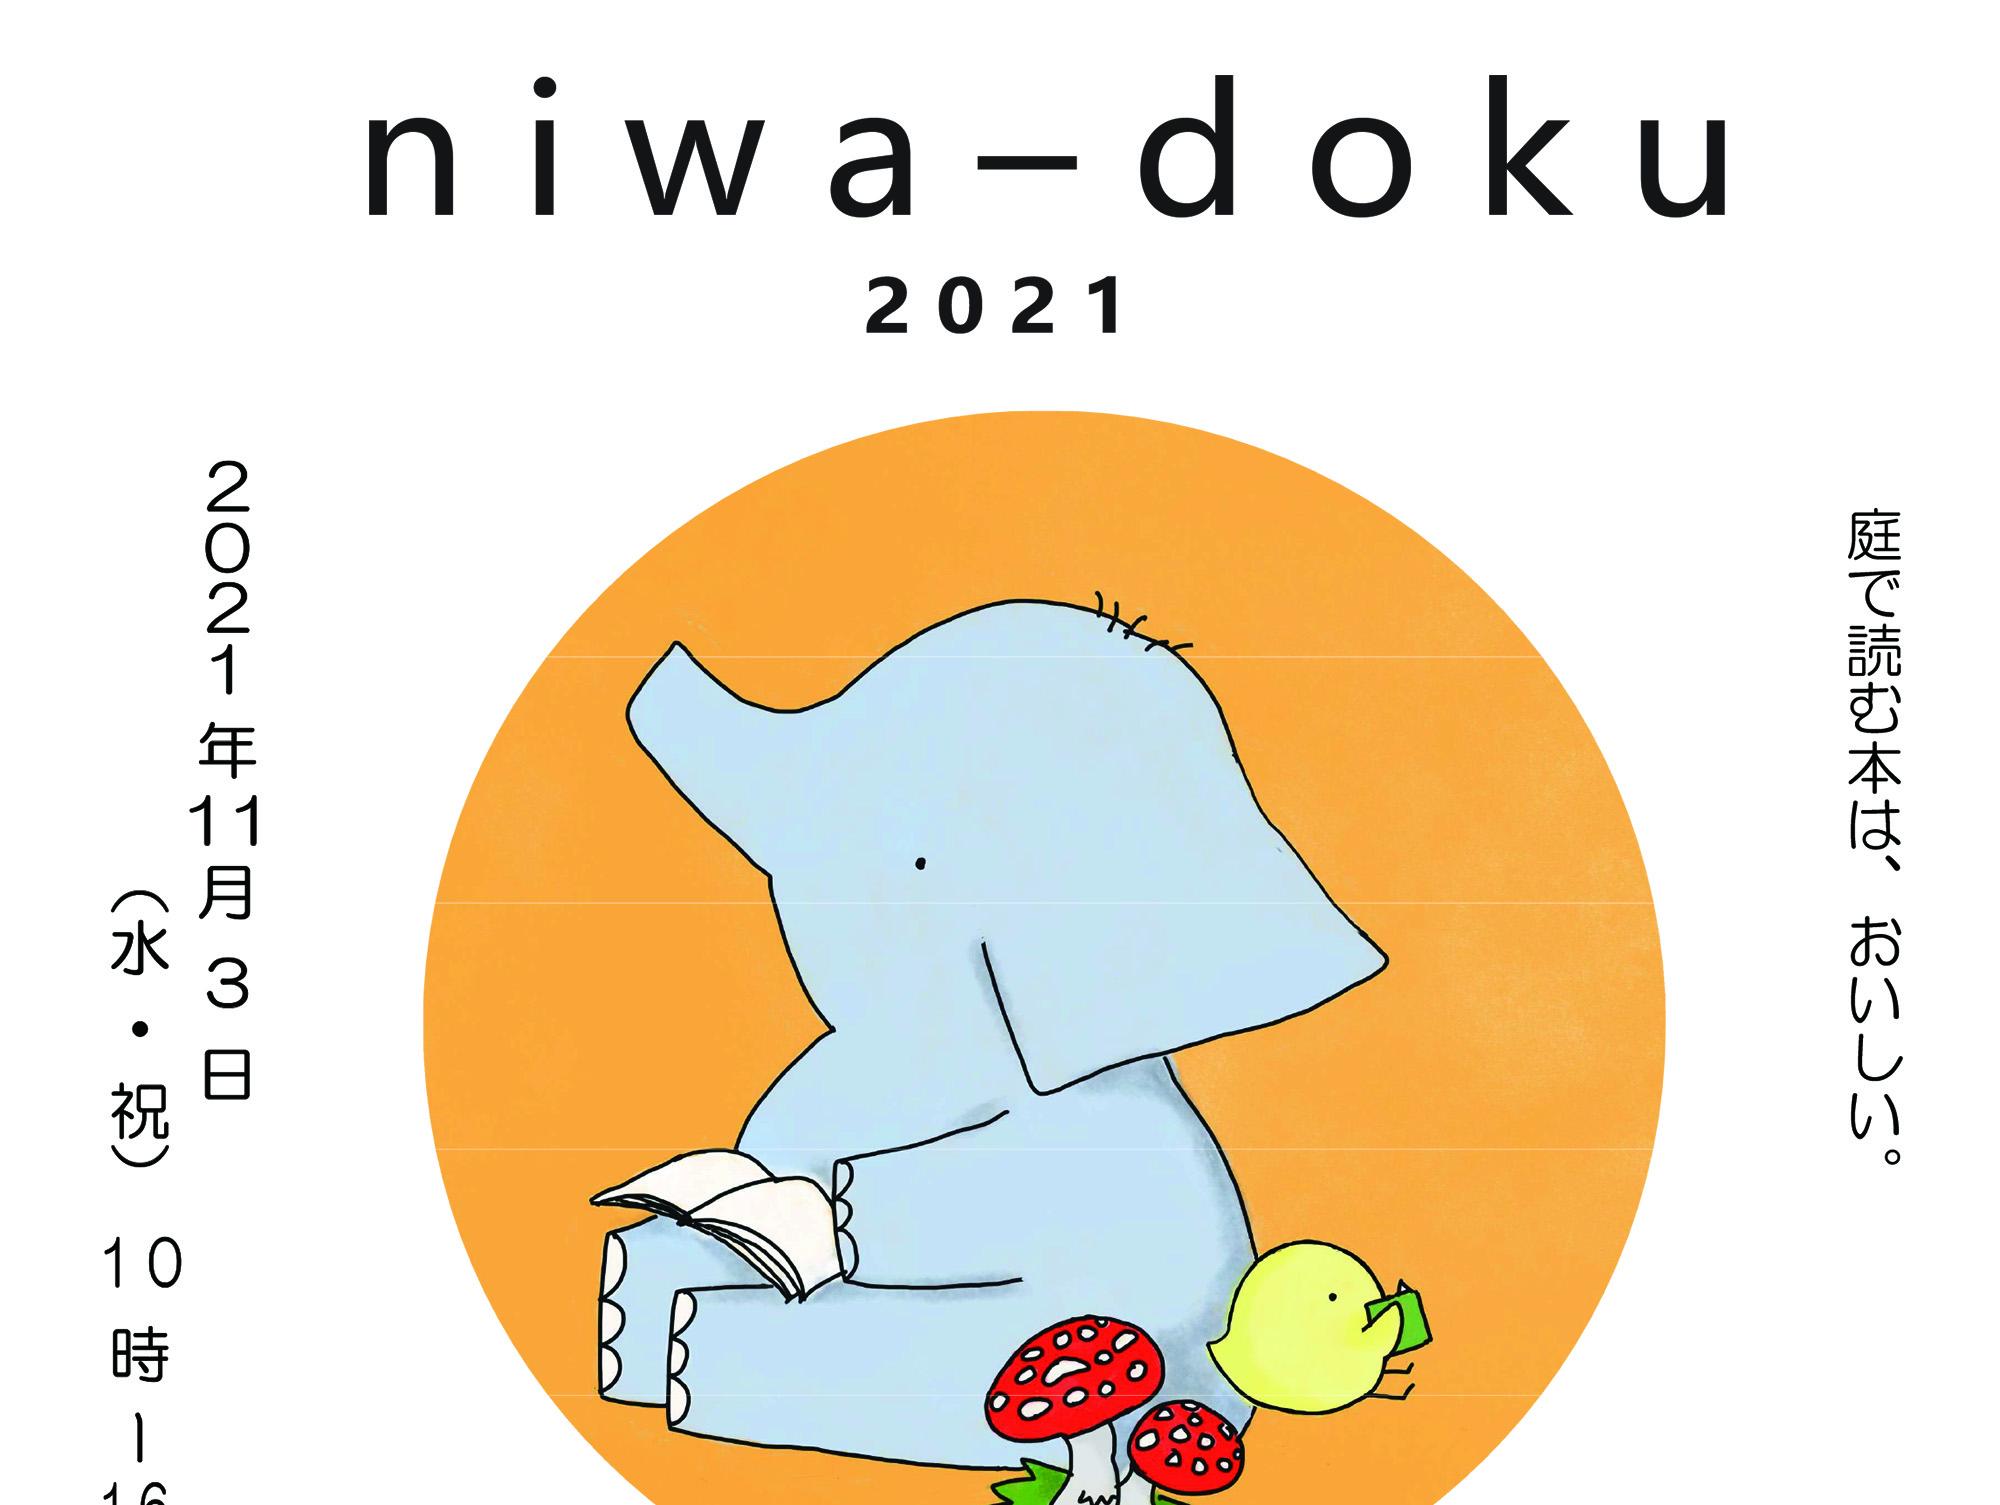 2021年11月3日 庭で本を読むイベント「niwa-doku」、開催!